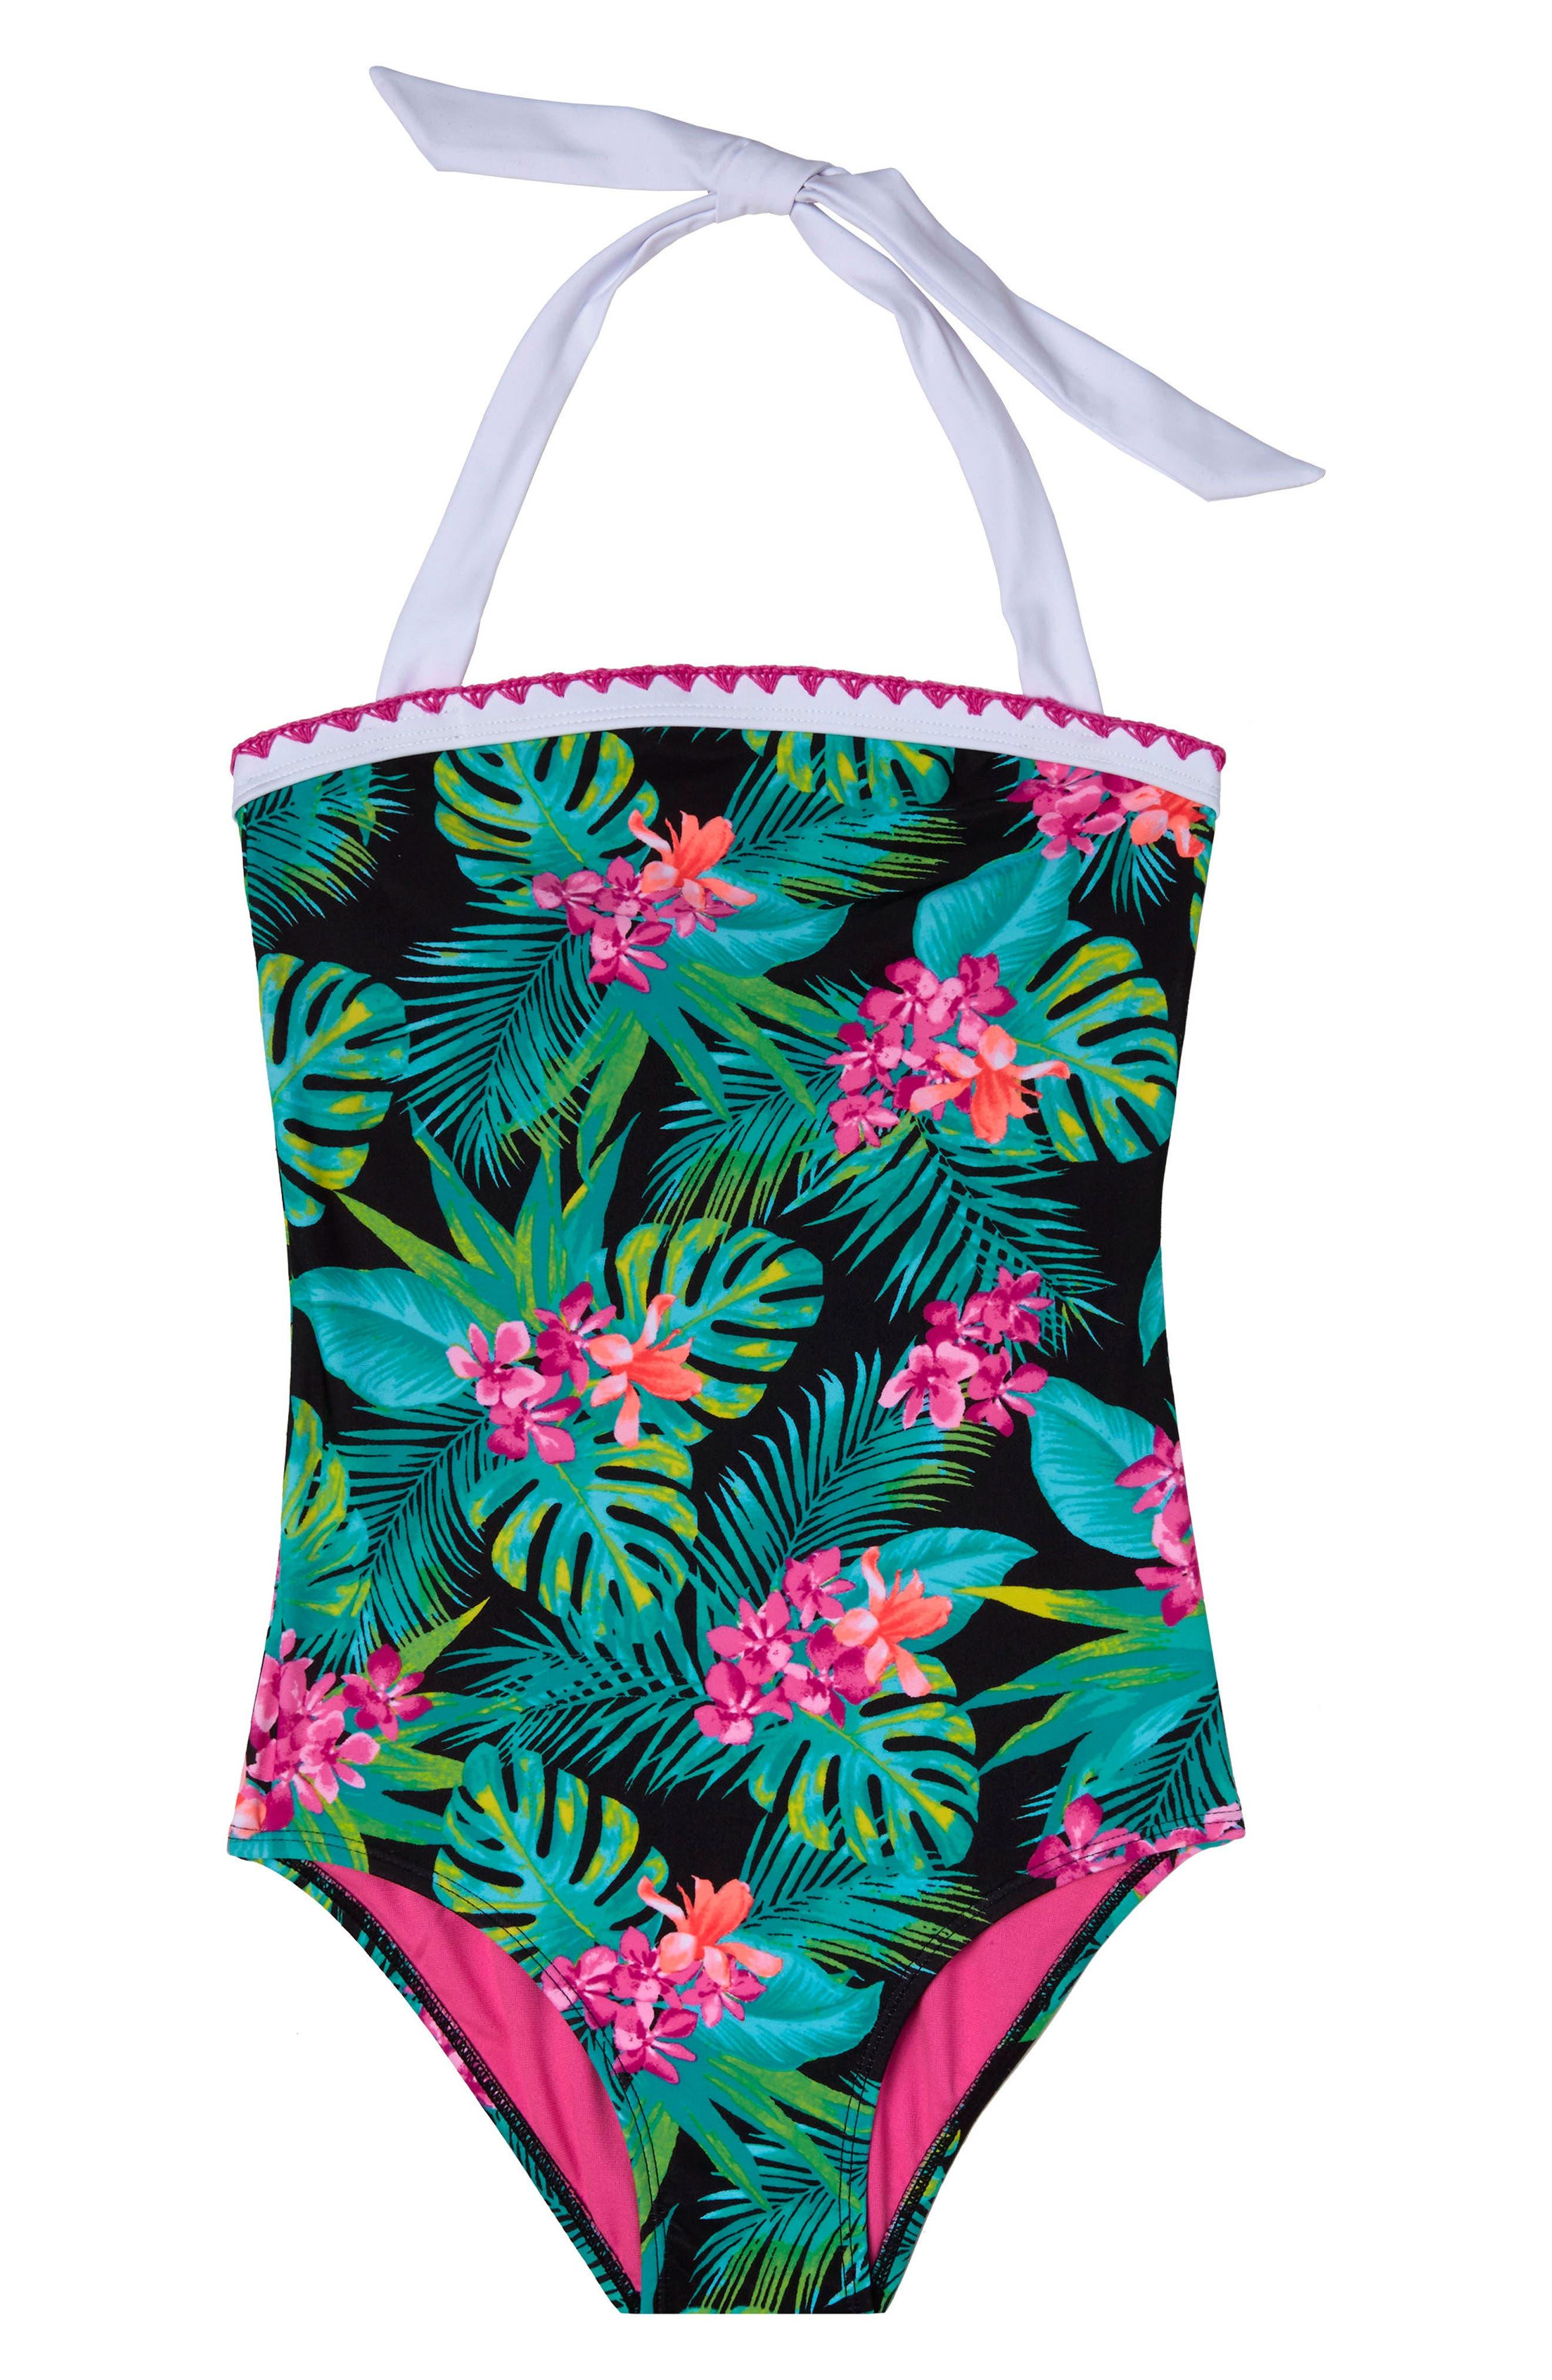 Tropical Escape One-Piece Swimsuit,                         Main,                         color, Black